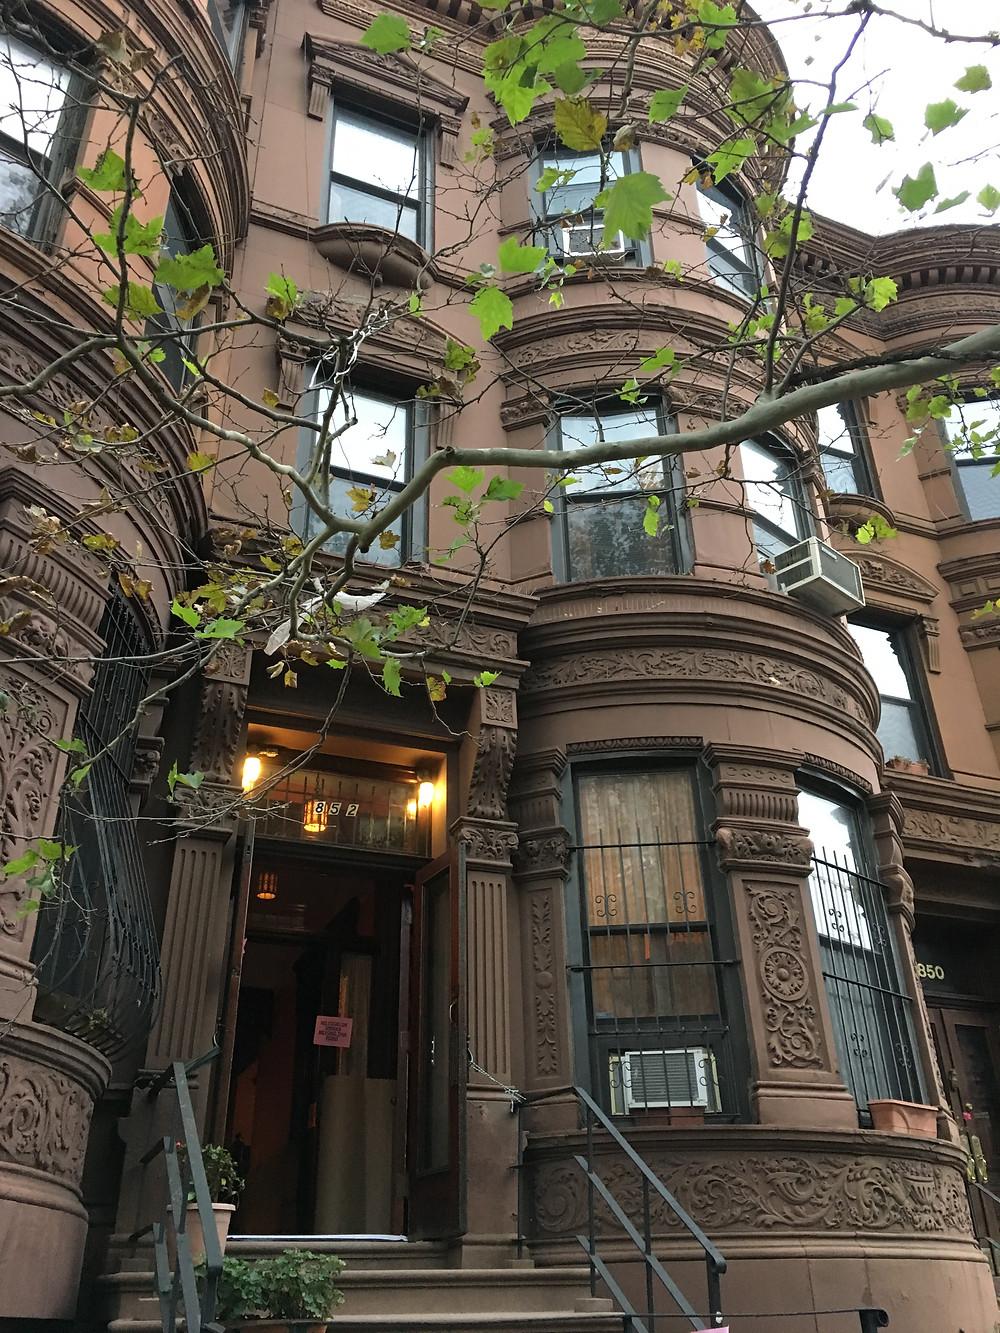 Forest Whitaker crime drama Godfather of Harlem films in Harlem